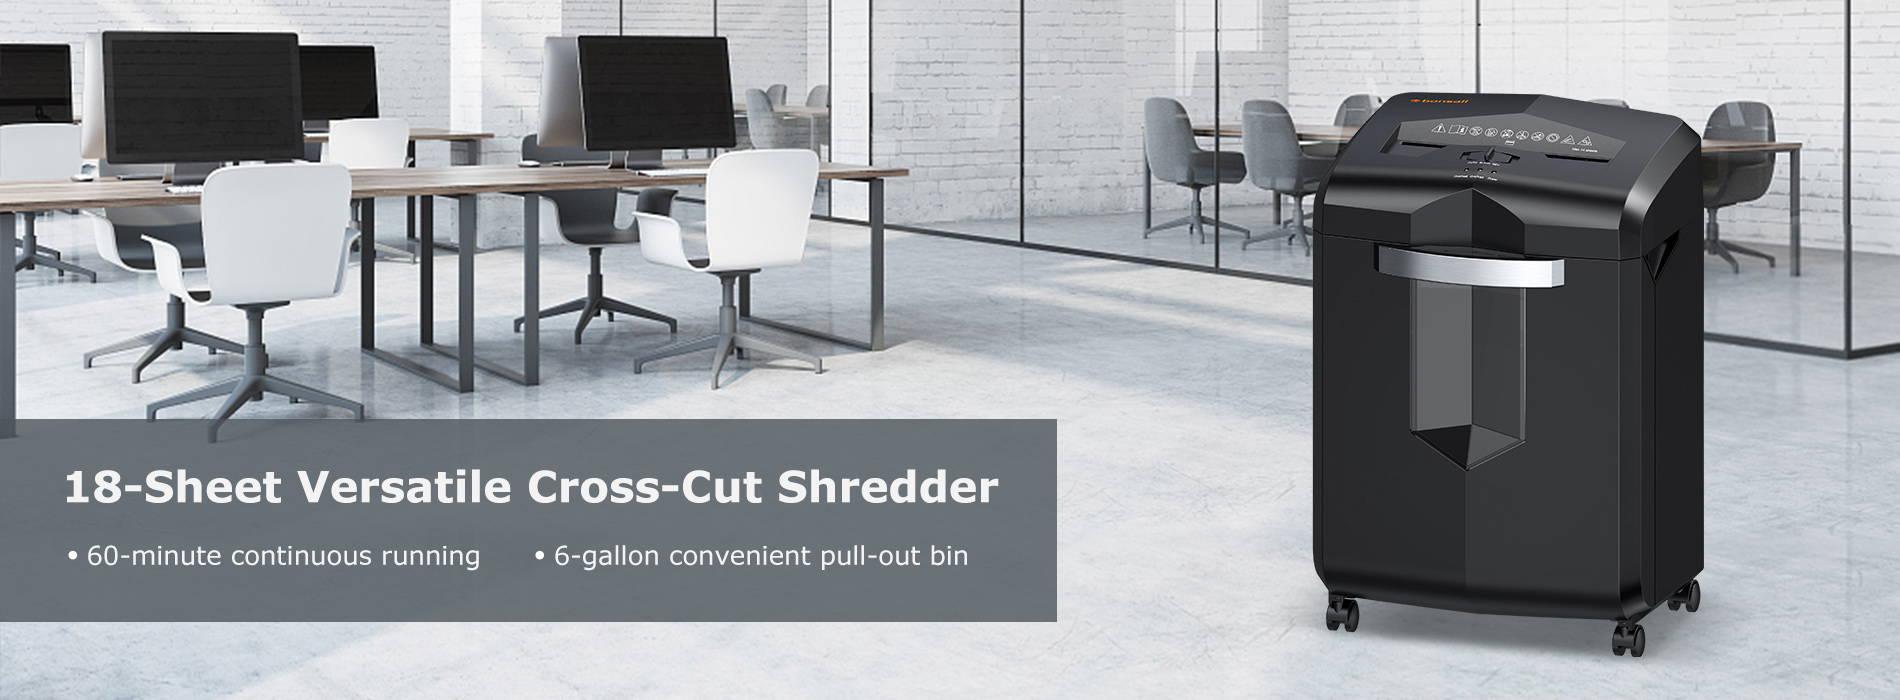 18-sheet versatile cross-cut shredder 60-minute continuous running 6-gallon convenient pull-out bin